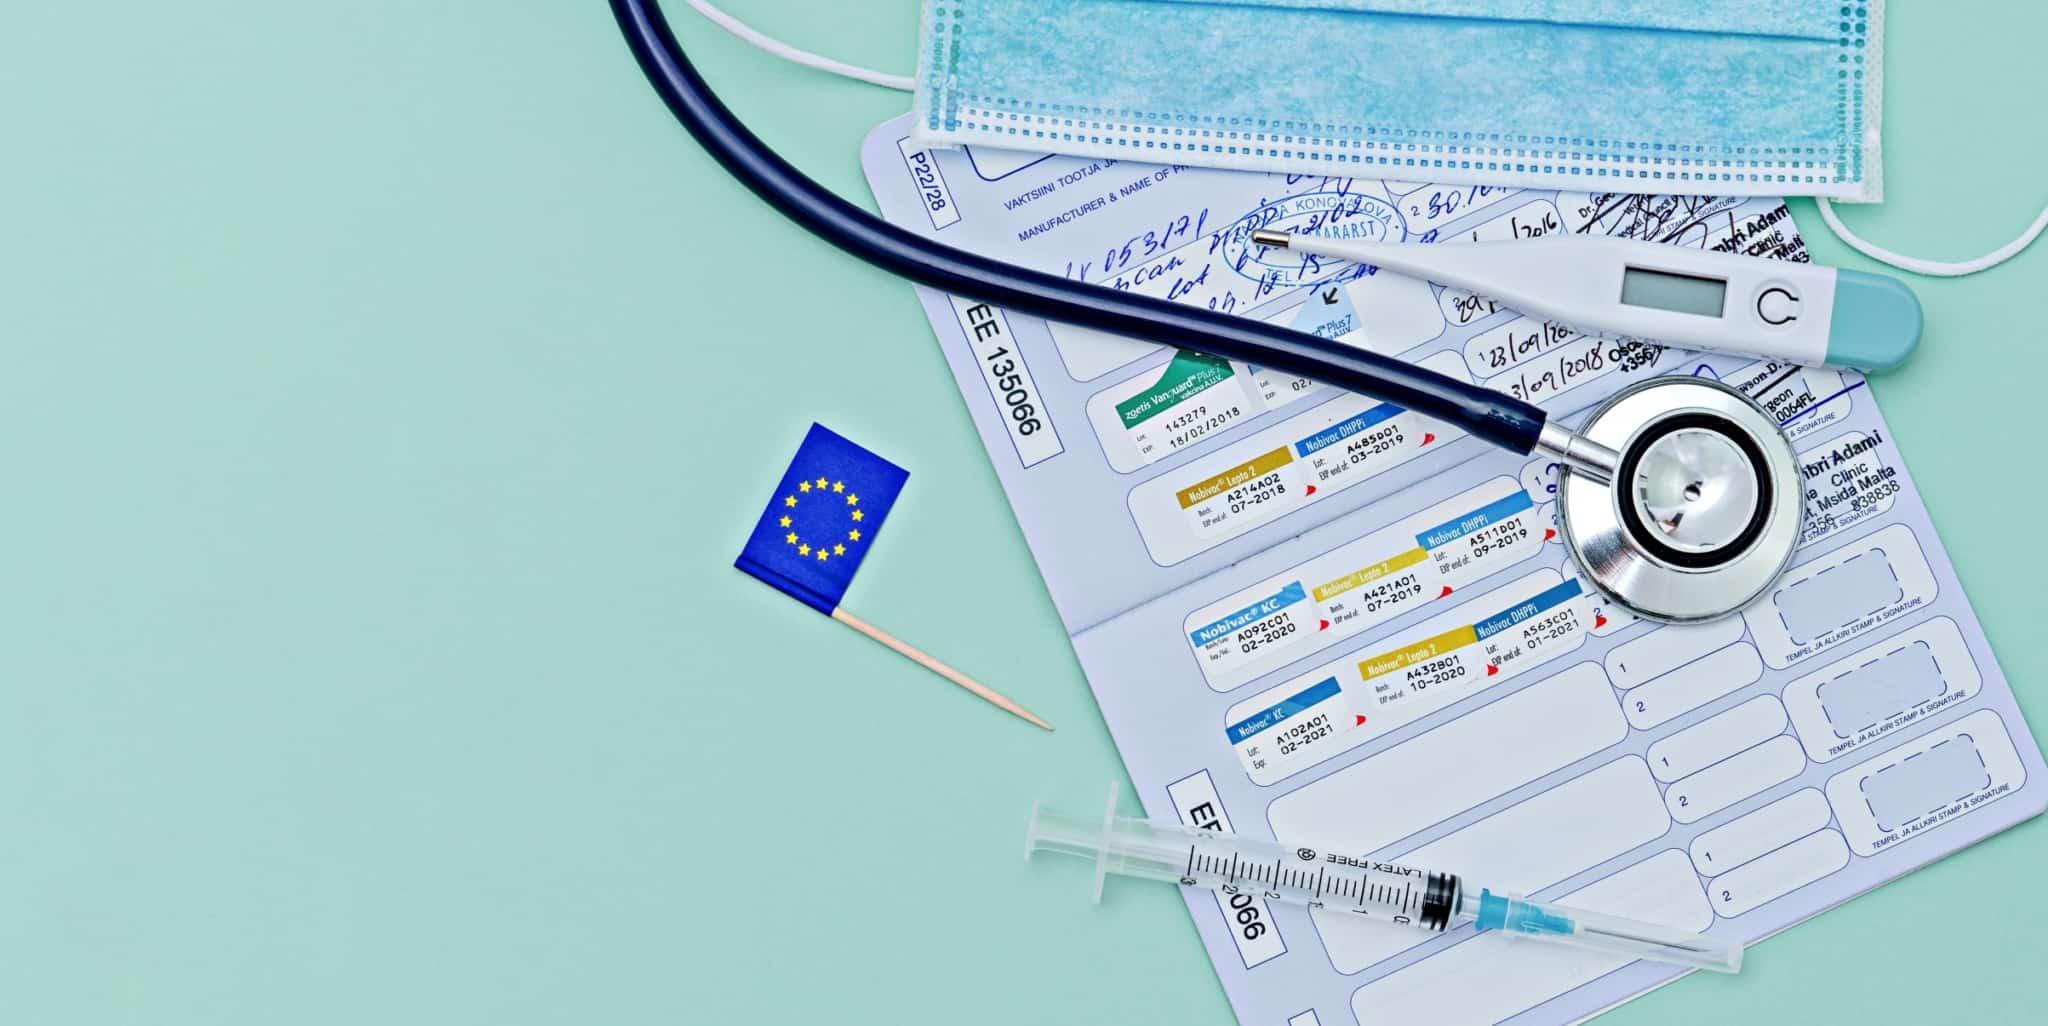 documento com vacinas a nível europeu